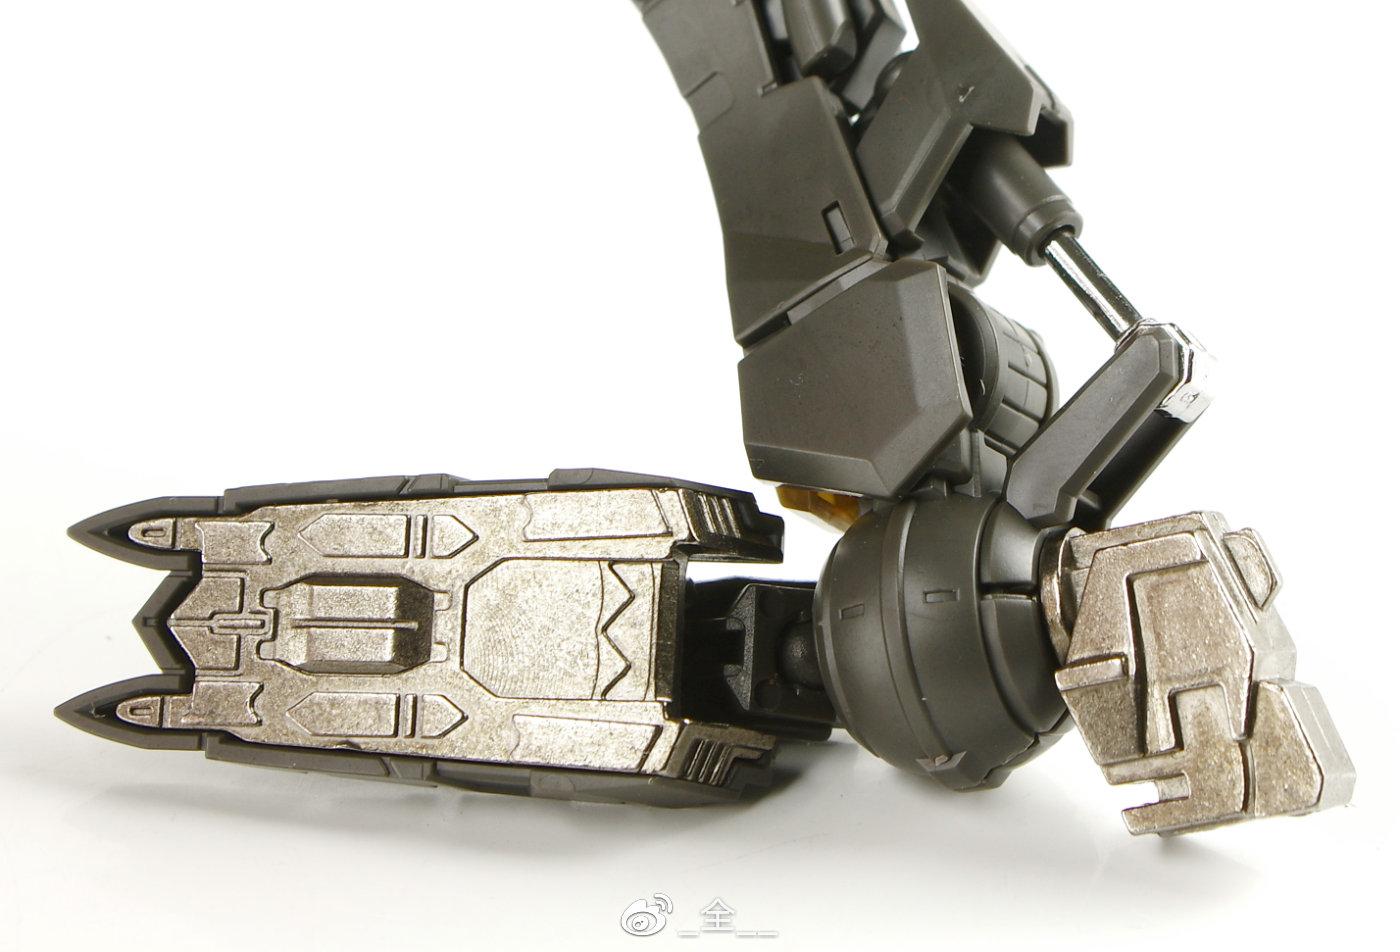 M103_mg_barbatos_metal_frame_parts_set_009_040.jpg